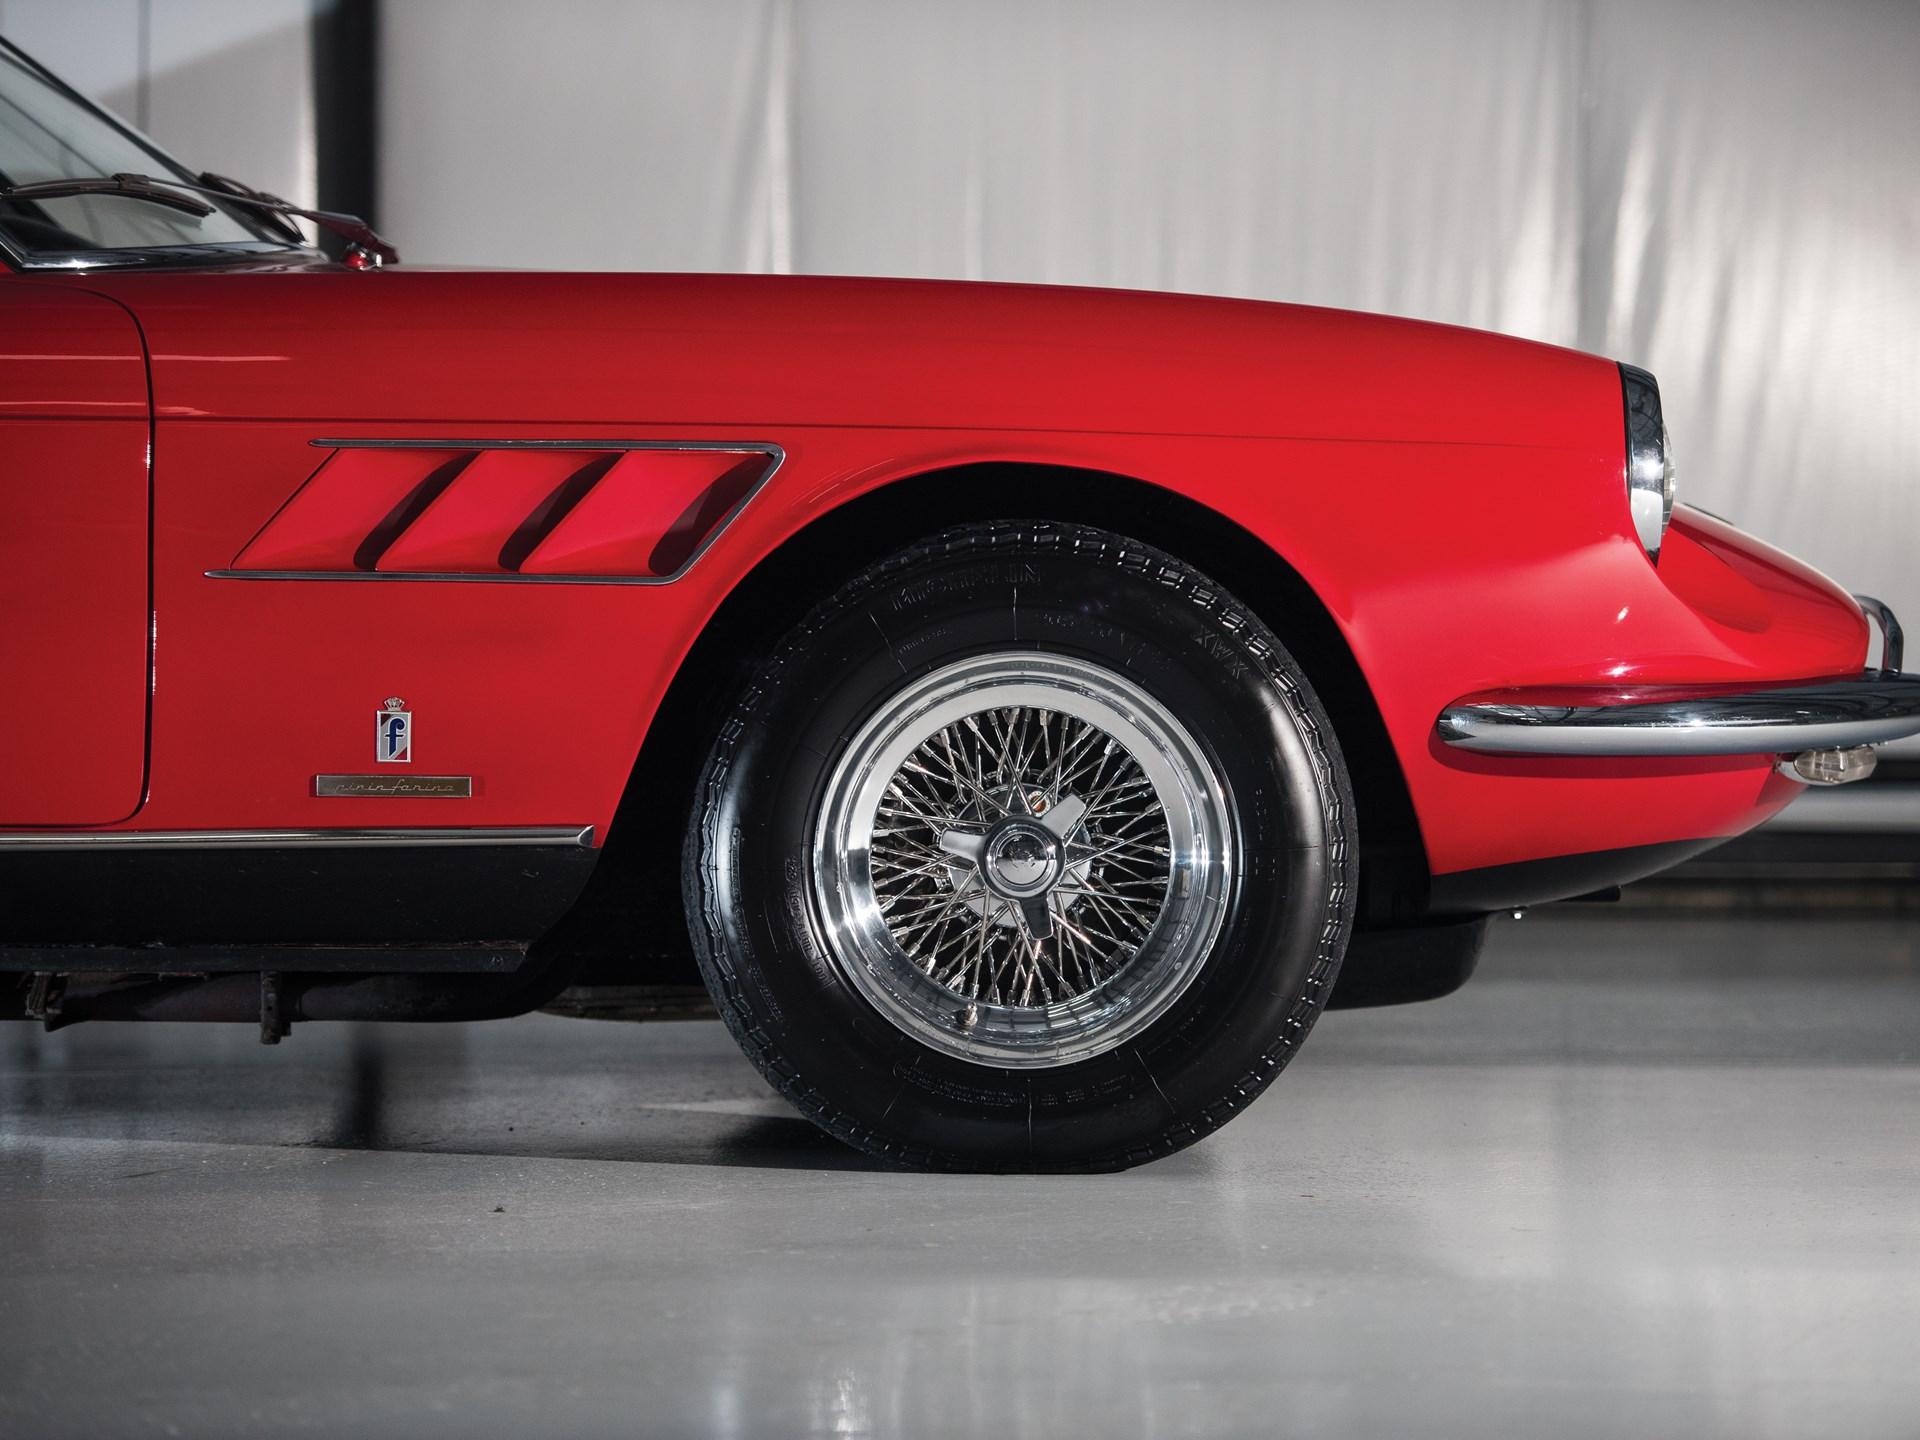 1967 Ferrari 330 GTC by Pininfarina